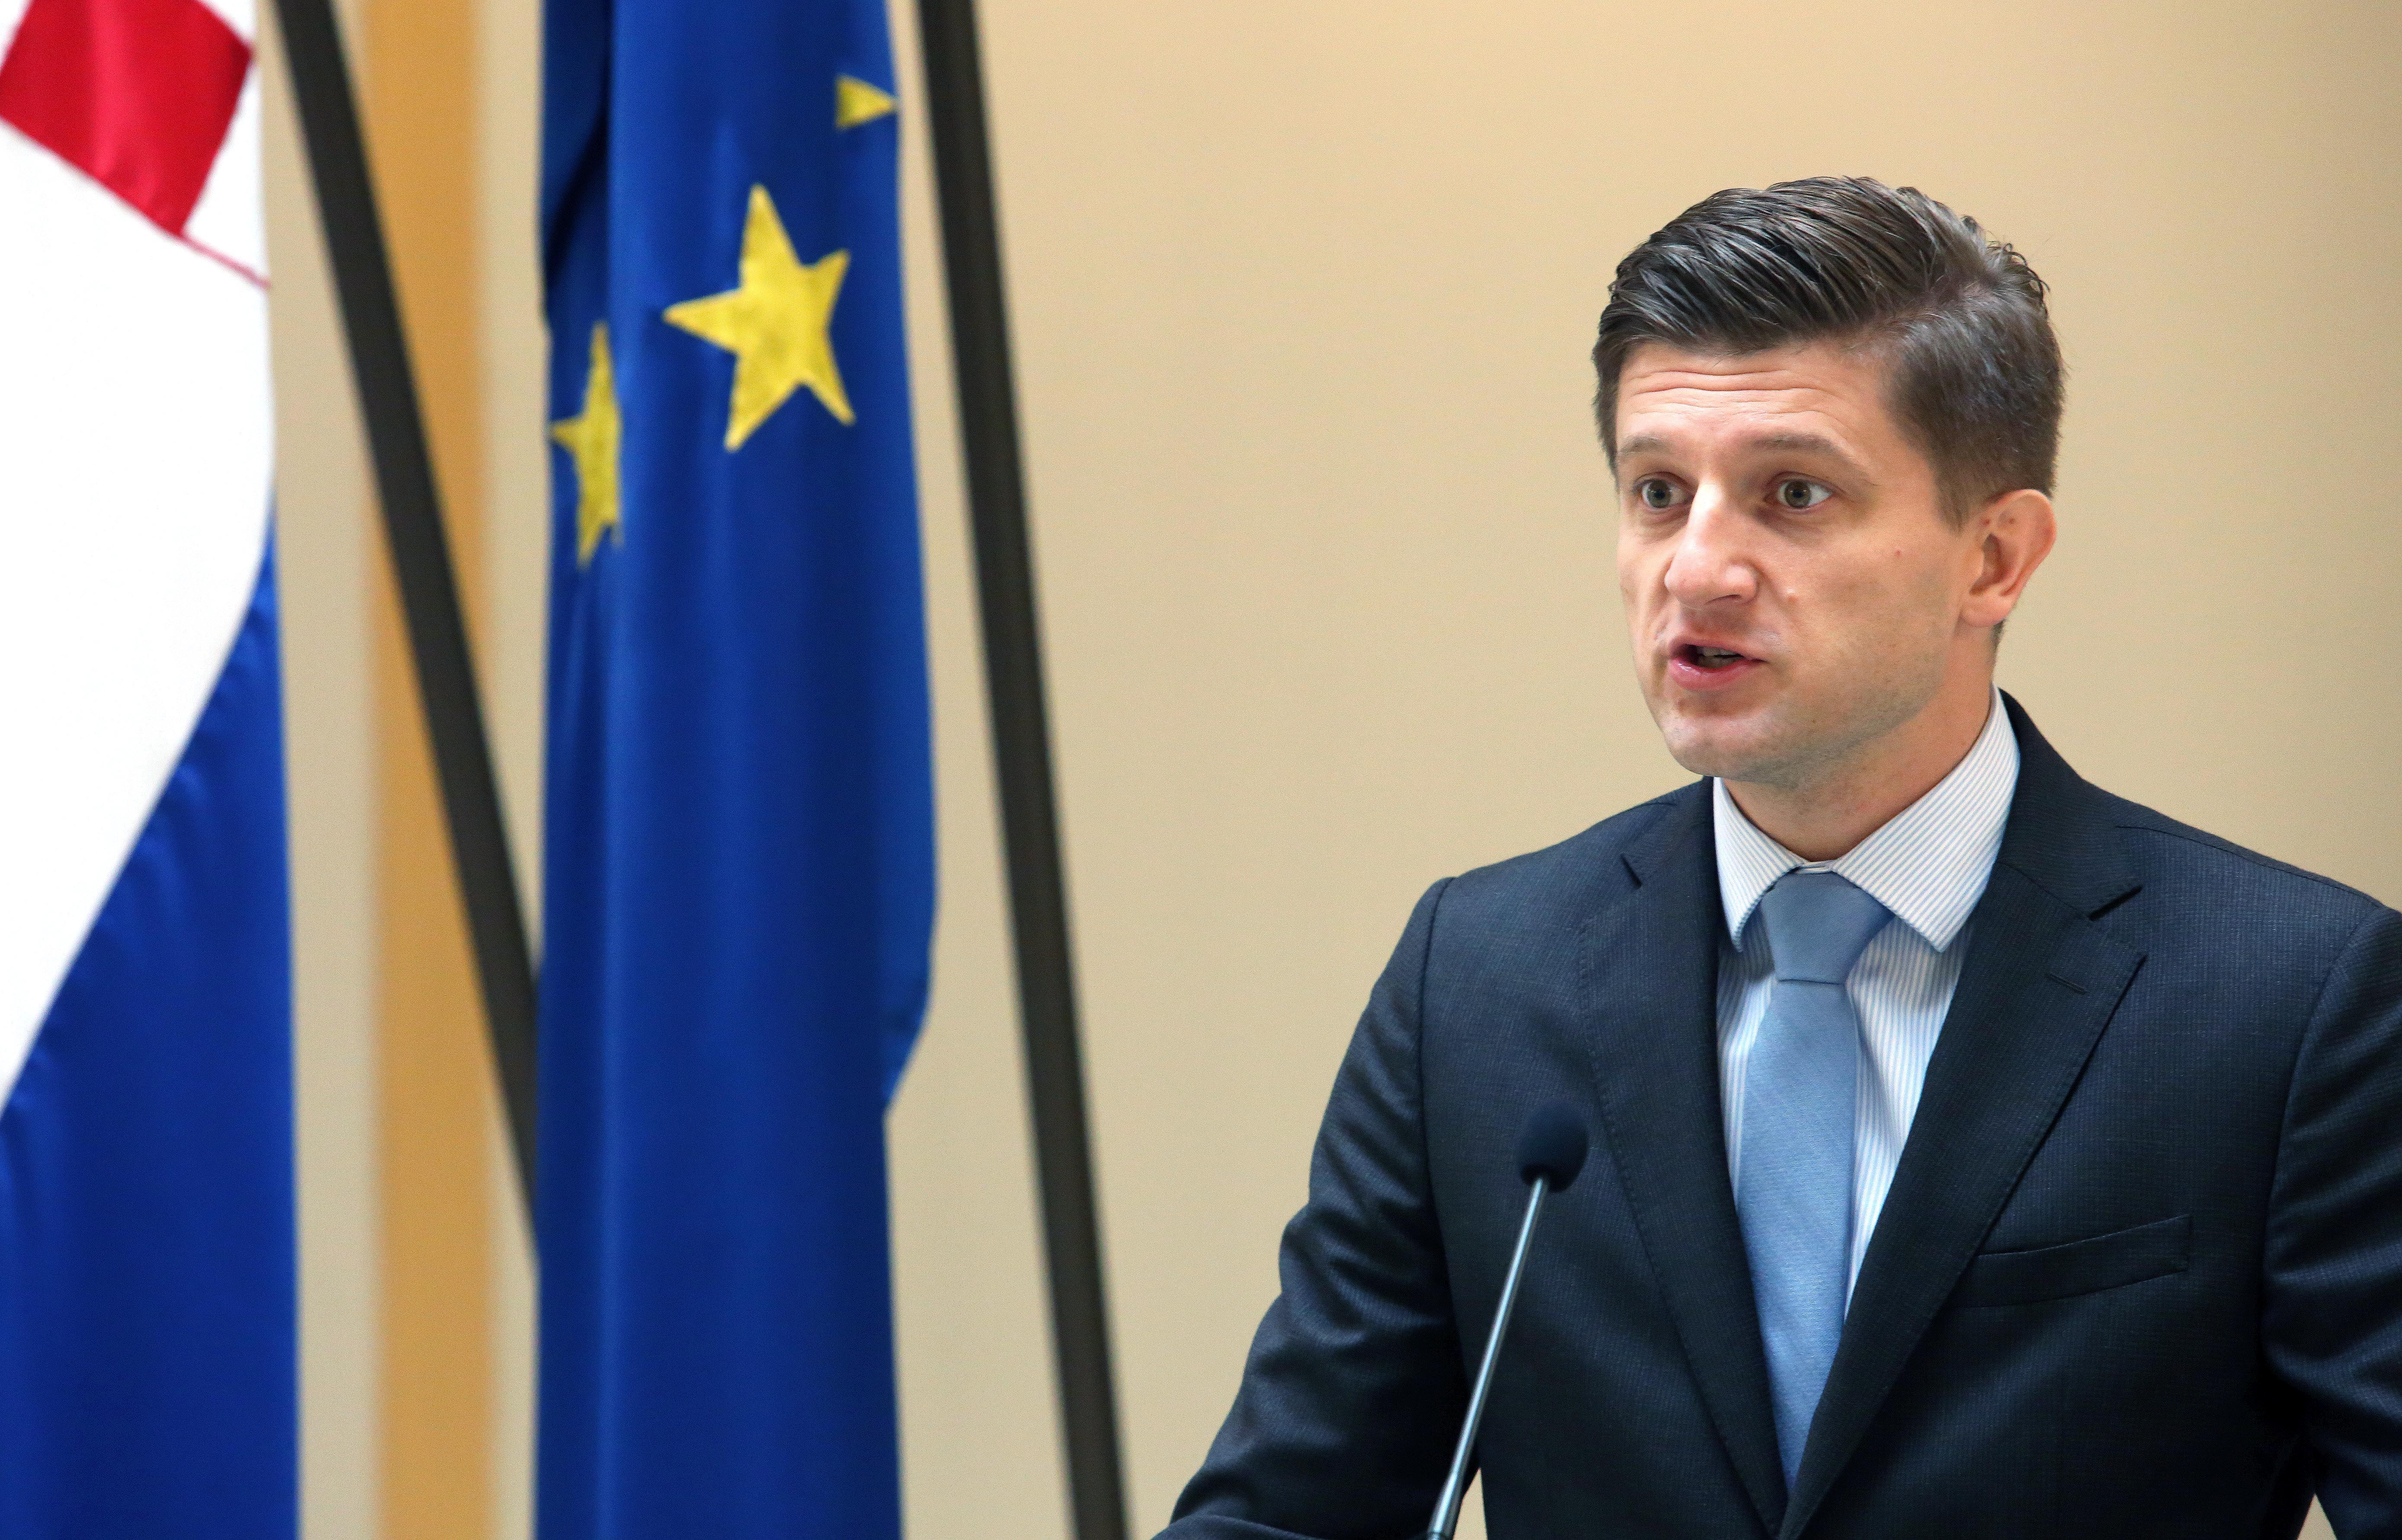 MARIĆ 'Suficit iznad prvotnih najava, podaci dobri i za 2018.'